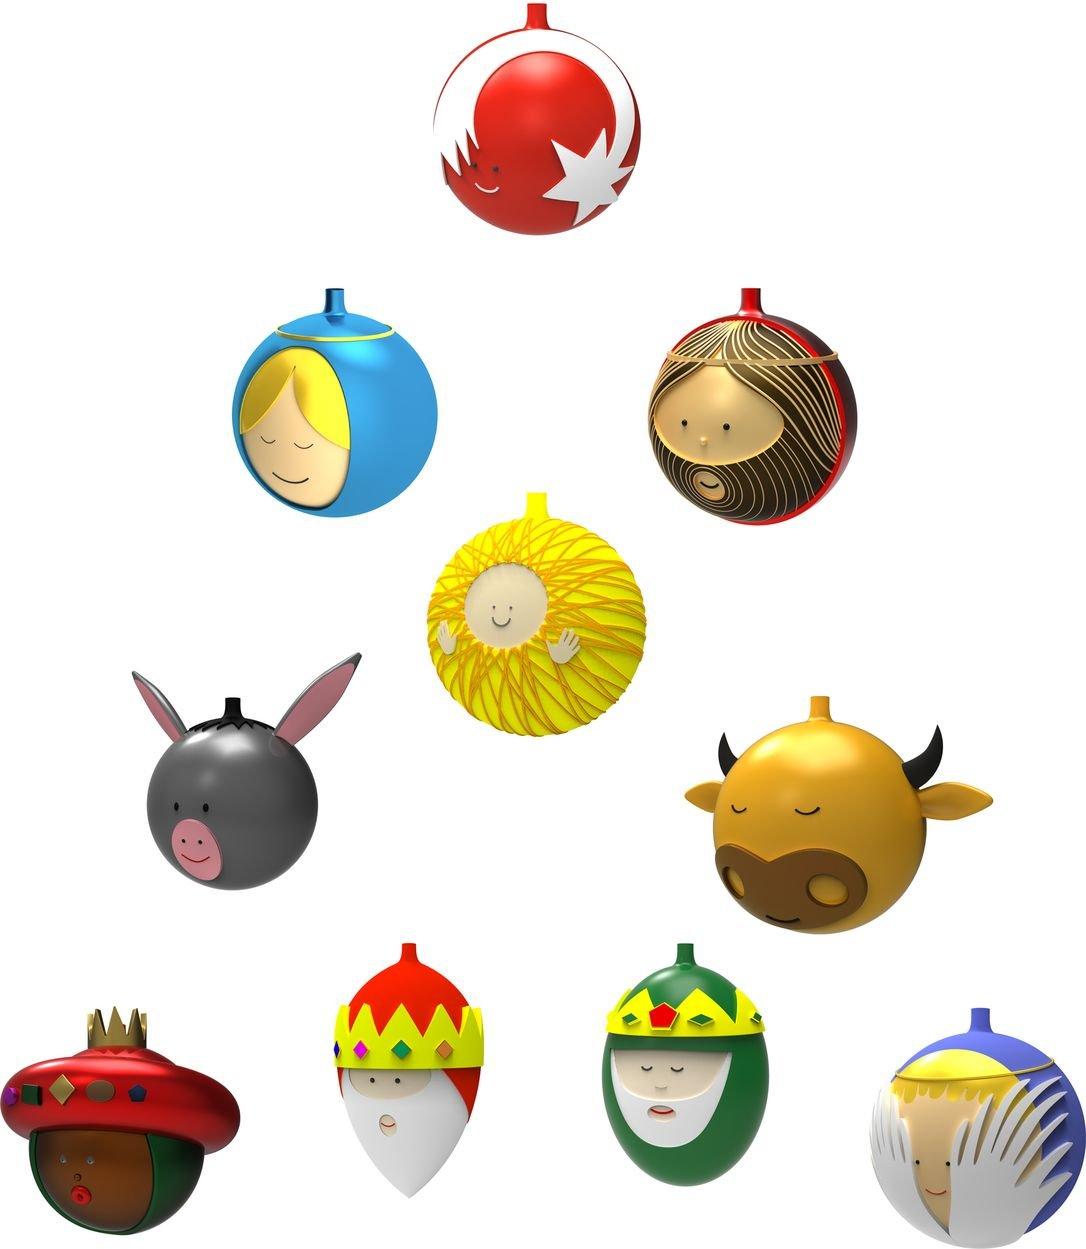 Alessi-Weihnachtskugeln-Porzellan-Bunt-56-x-316-x-33-cm-10-Einheiten